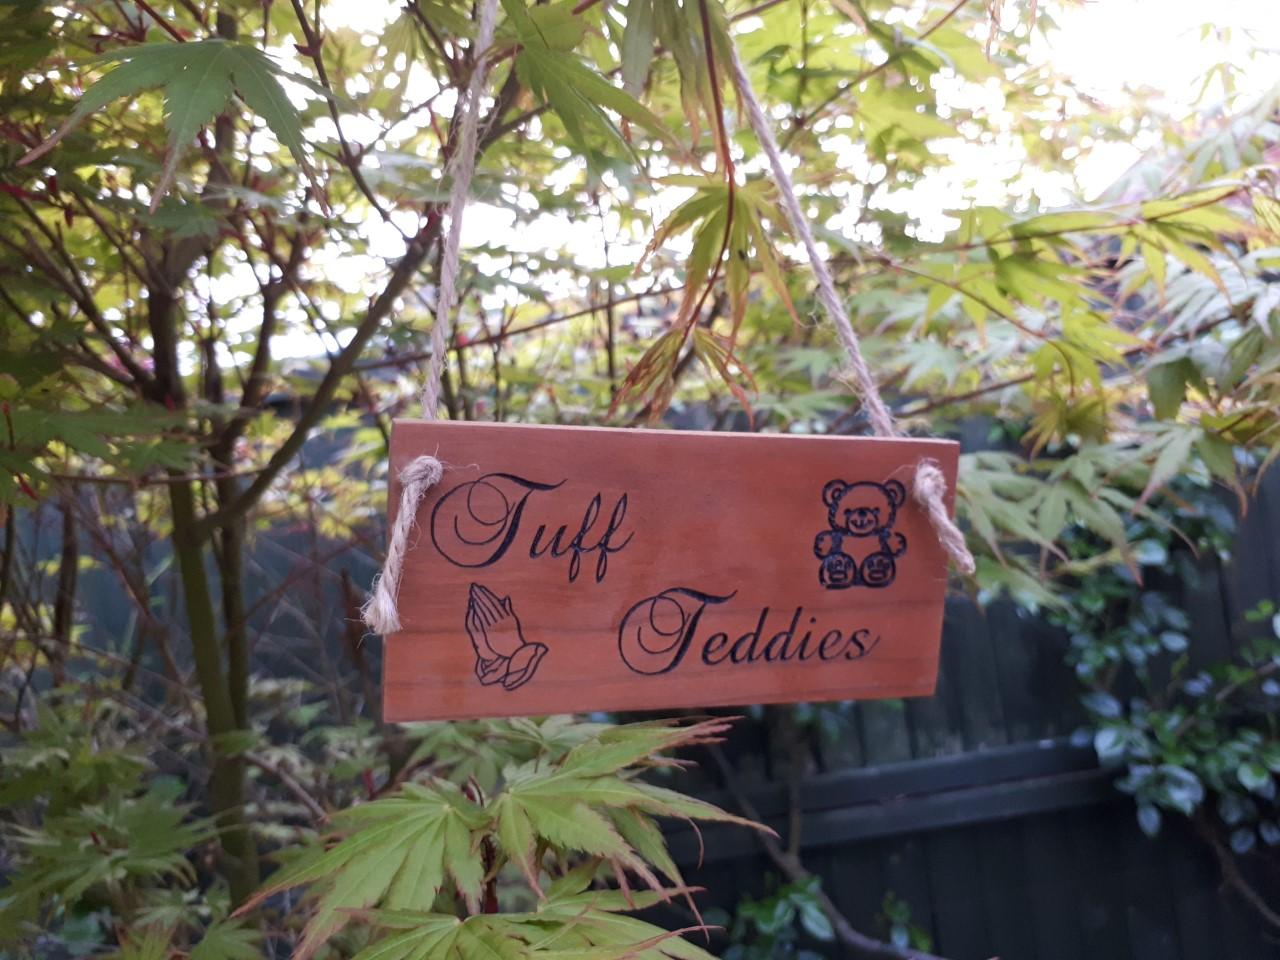 Tuff Teddies